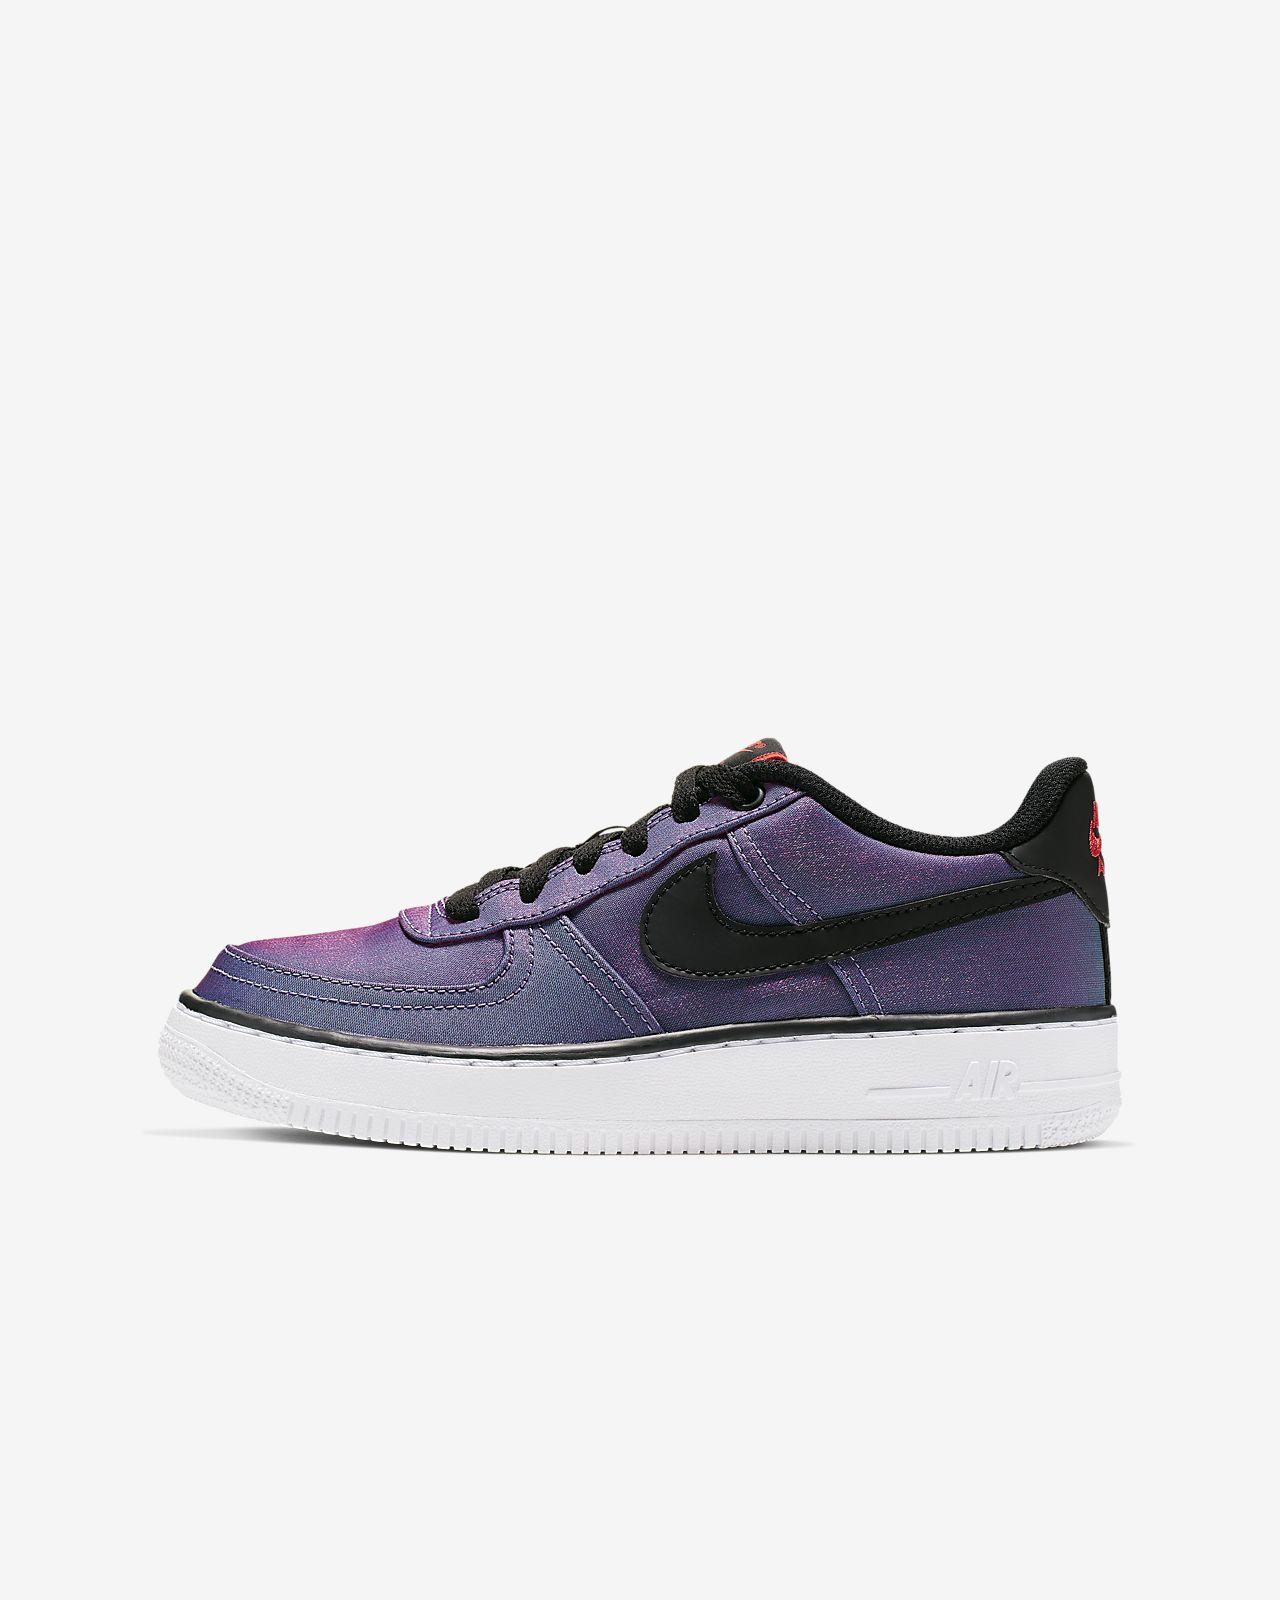 san francisco 44aae 7dcb8 ... Chaussure Nike Air Force 1 LV8 Shift pour Enfant plus âgé